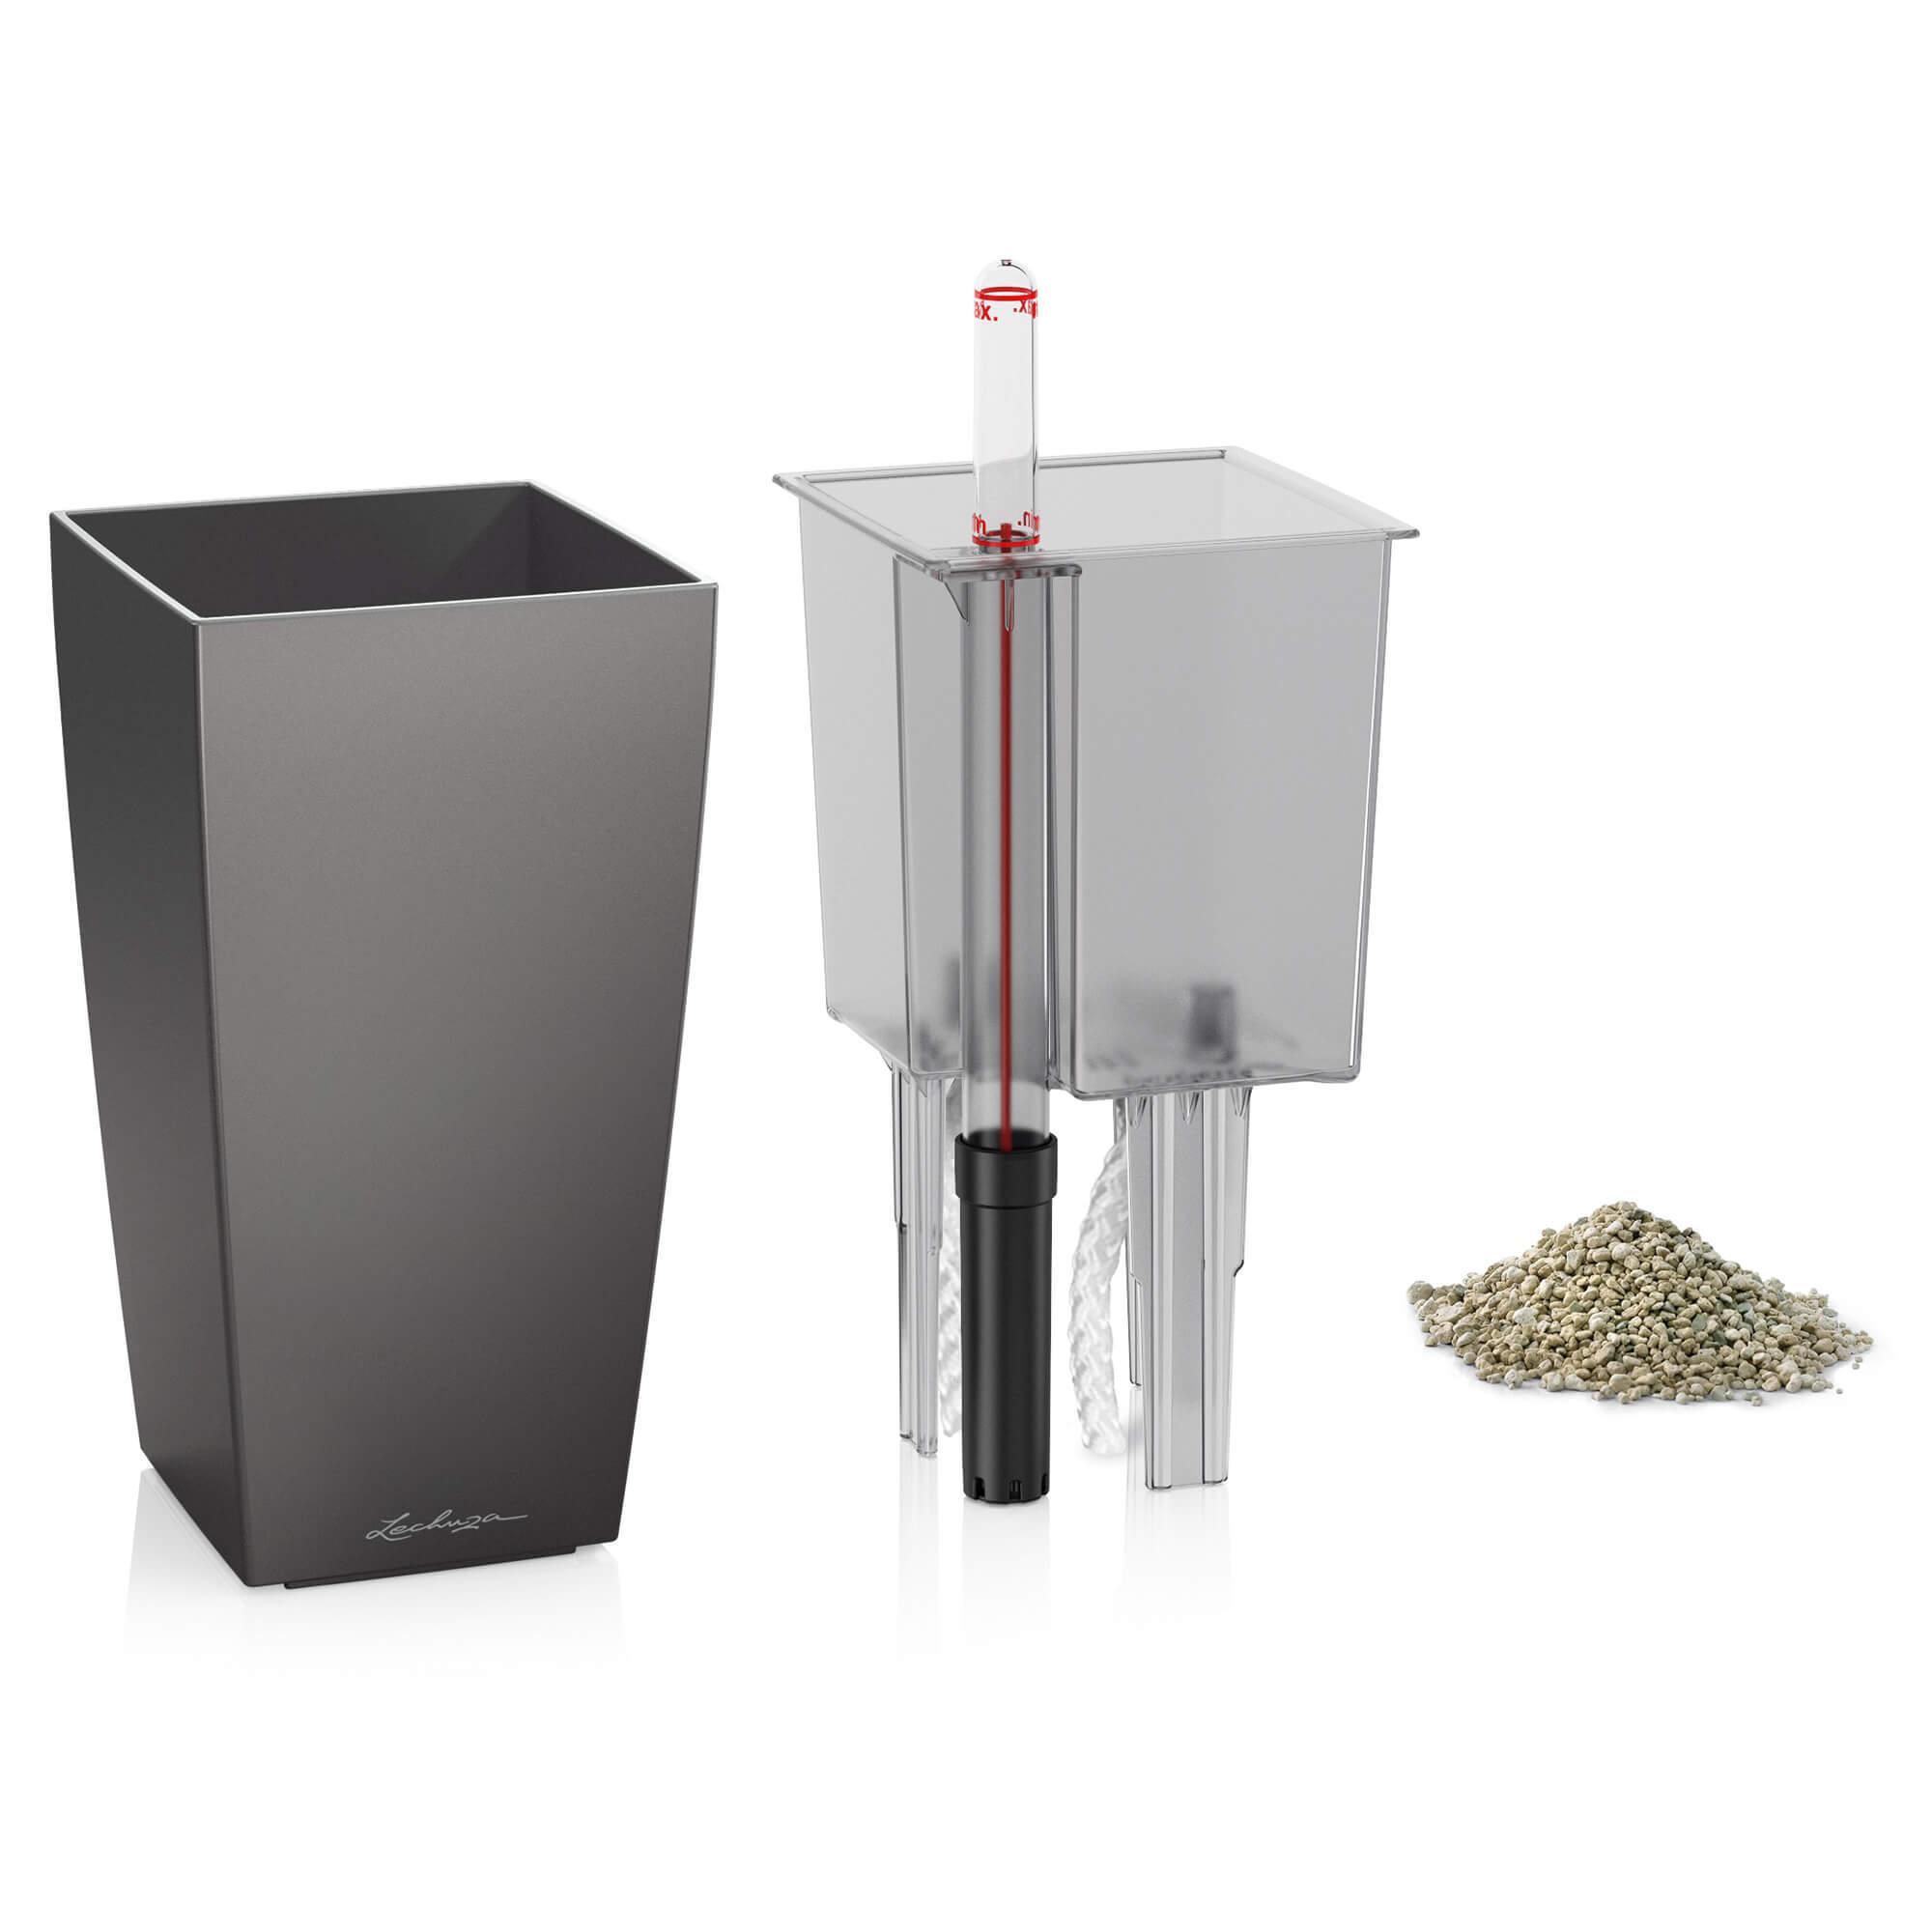 MINI-CUBI espresso metallic - Image 1